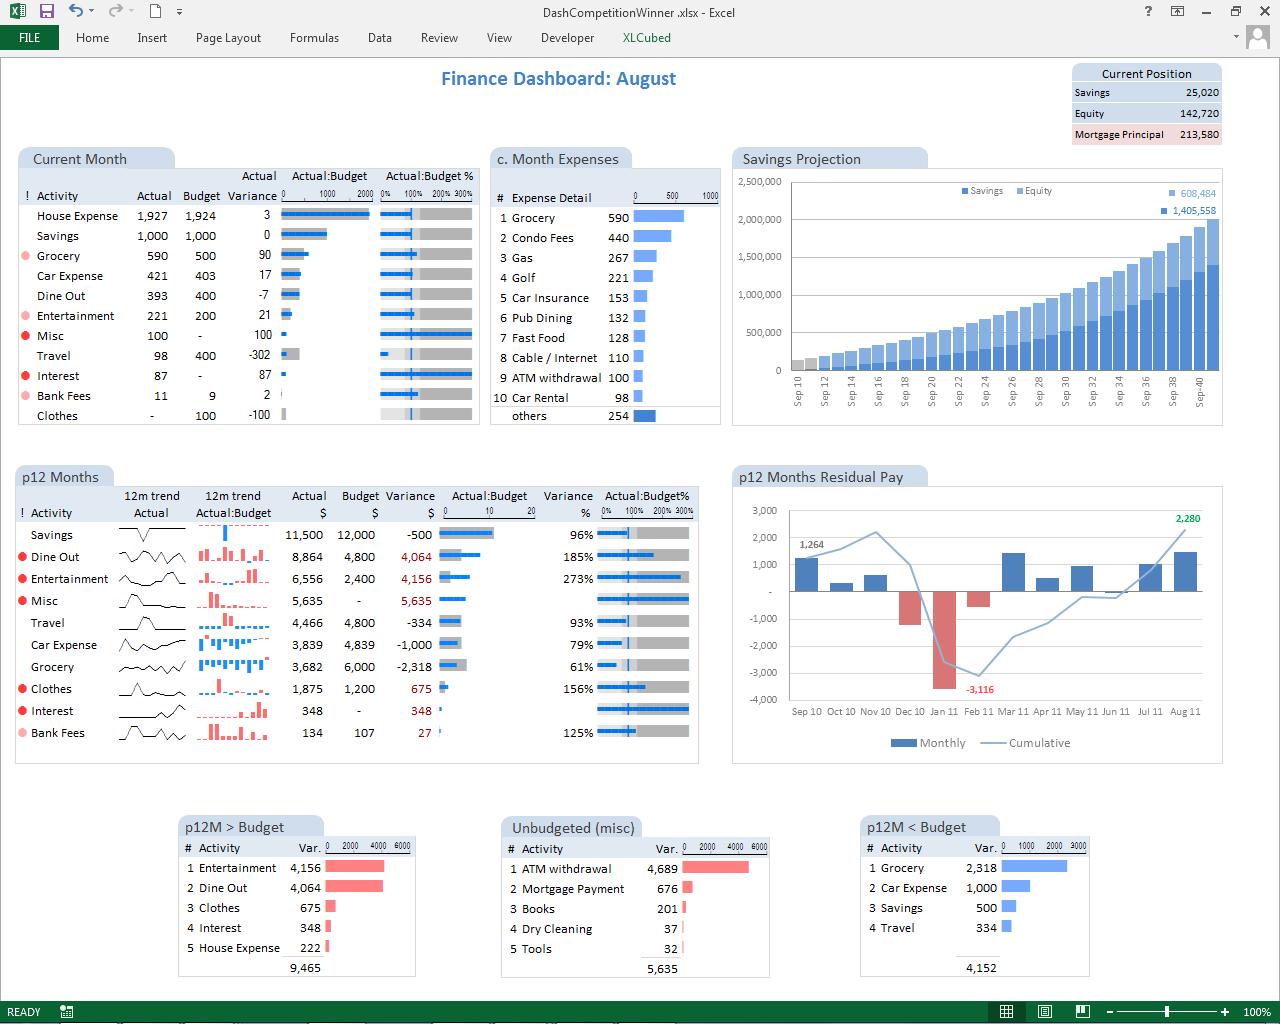 tableau reporting tool tutorial